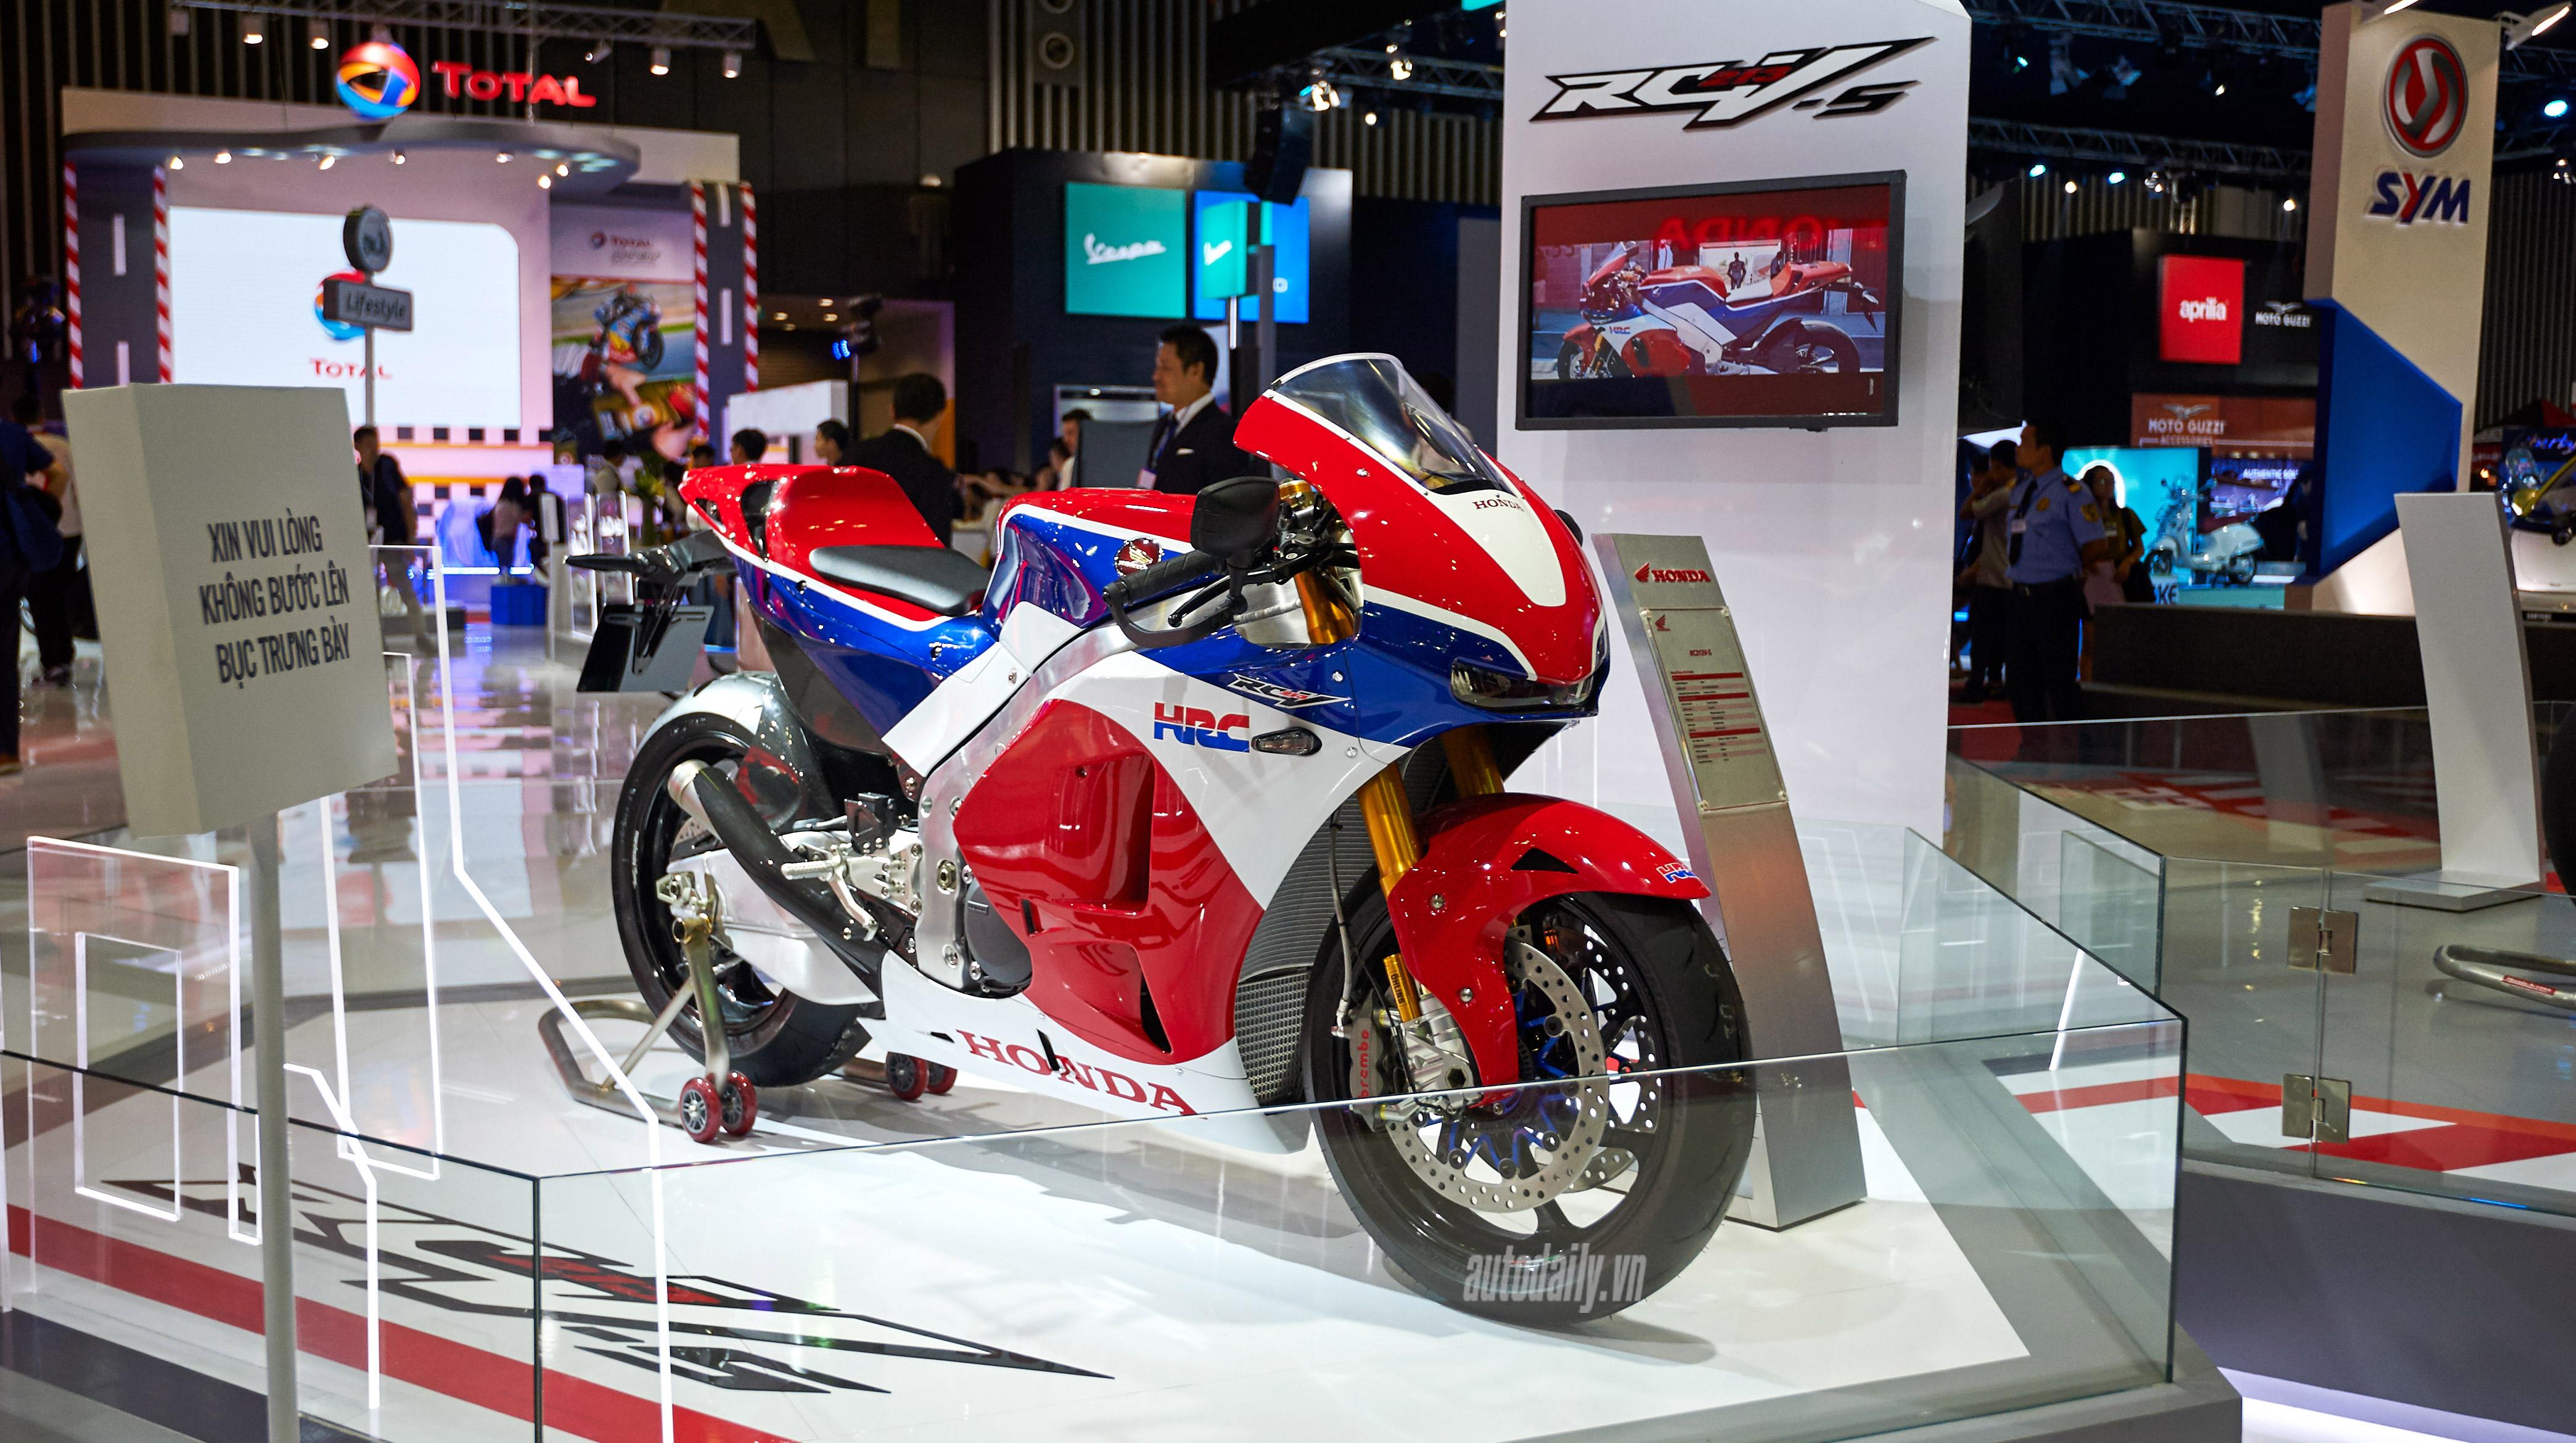 Cơ hội trải nghiệm siêu mô tô Honda RC213V-S tại Biker Day 2019